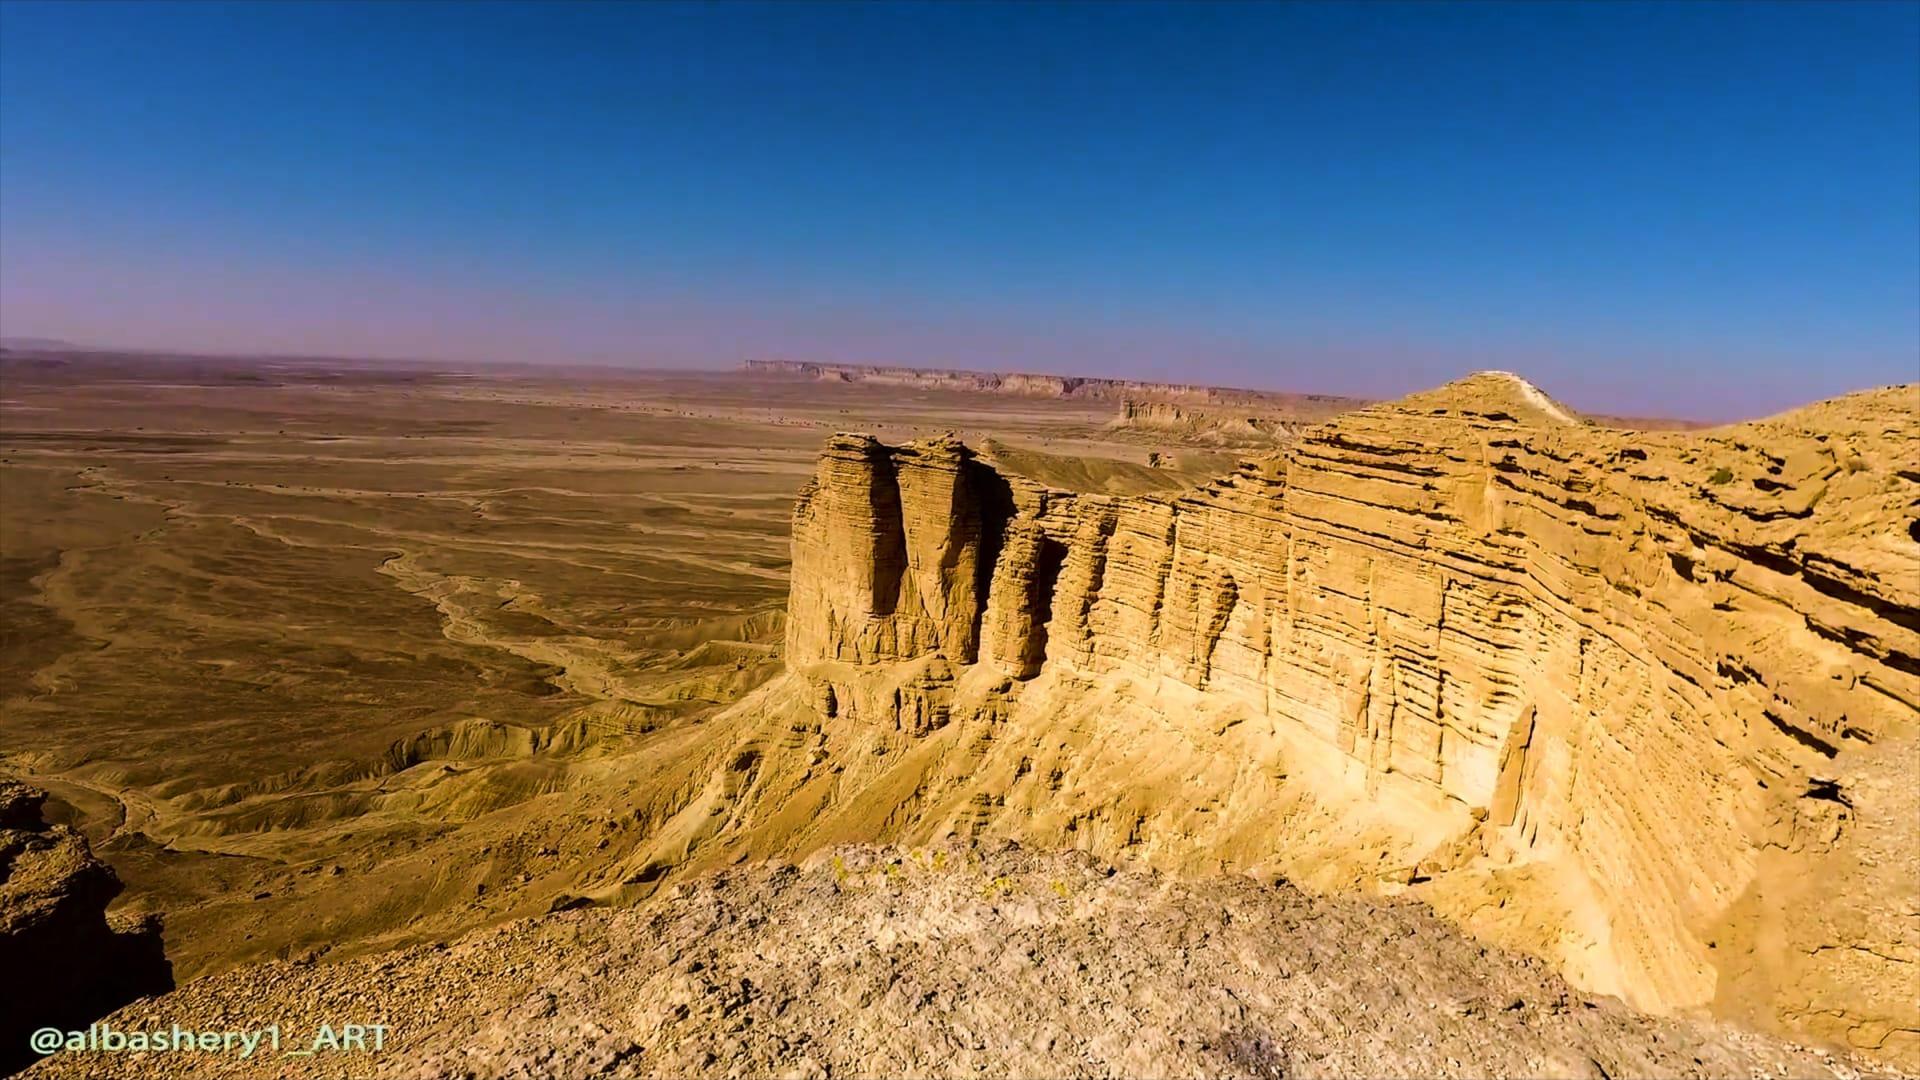 حافة العالم في السعودية - جبل فهرين